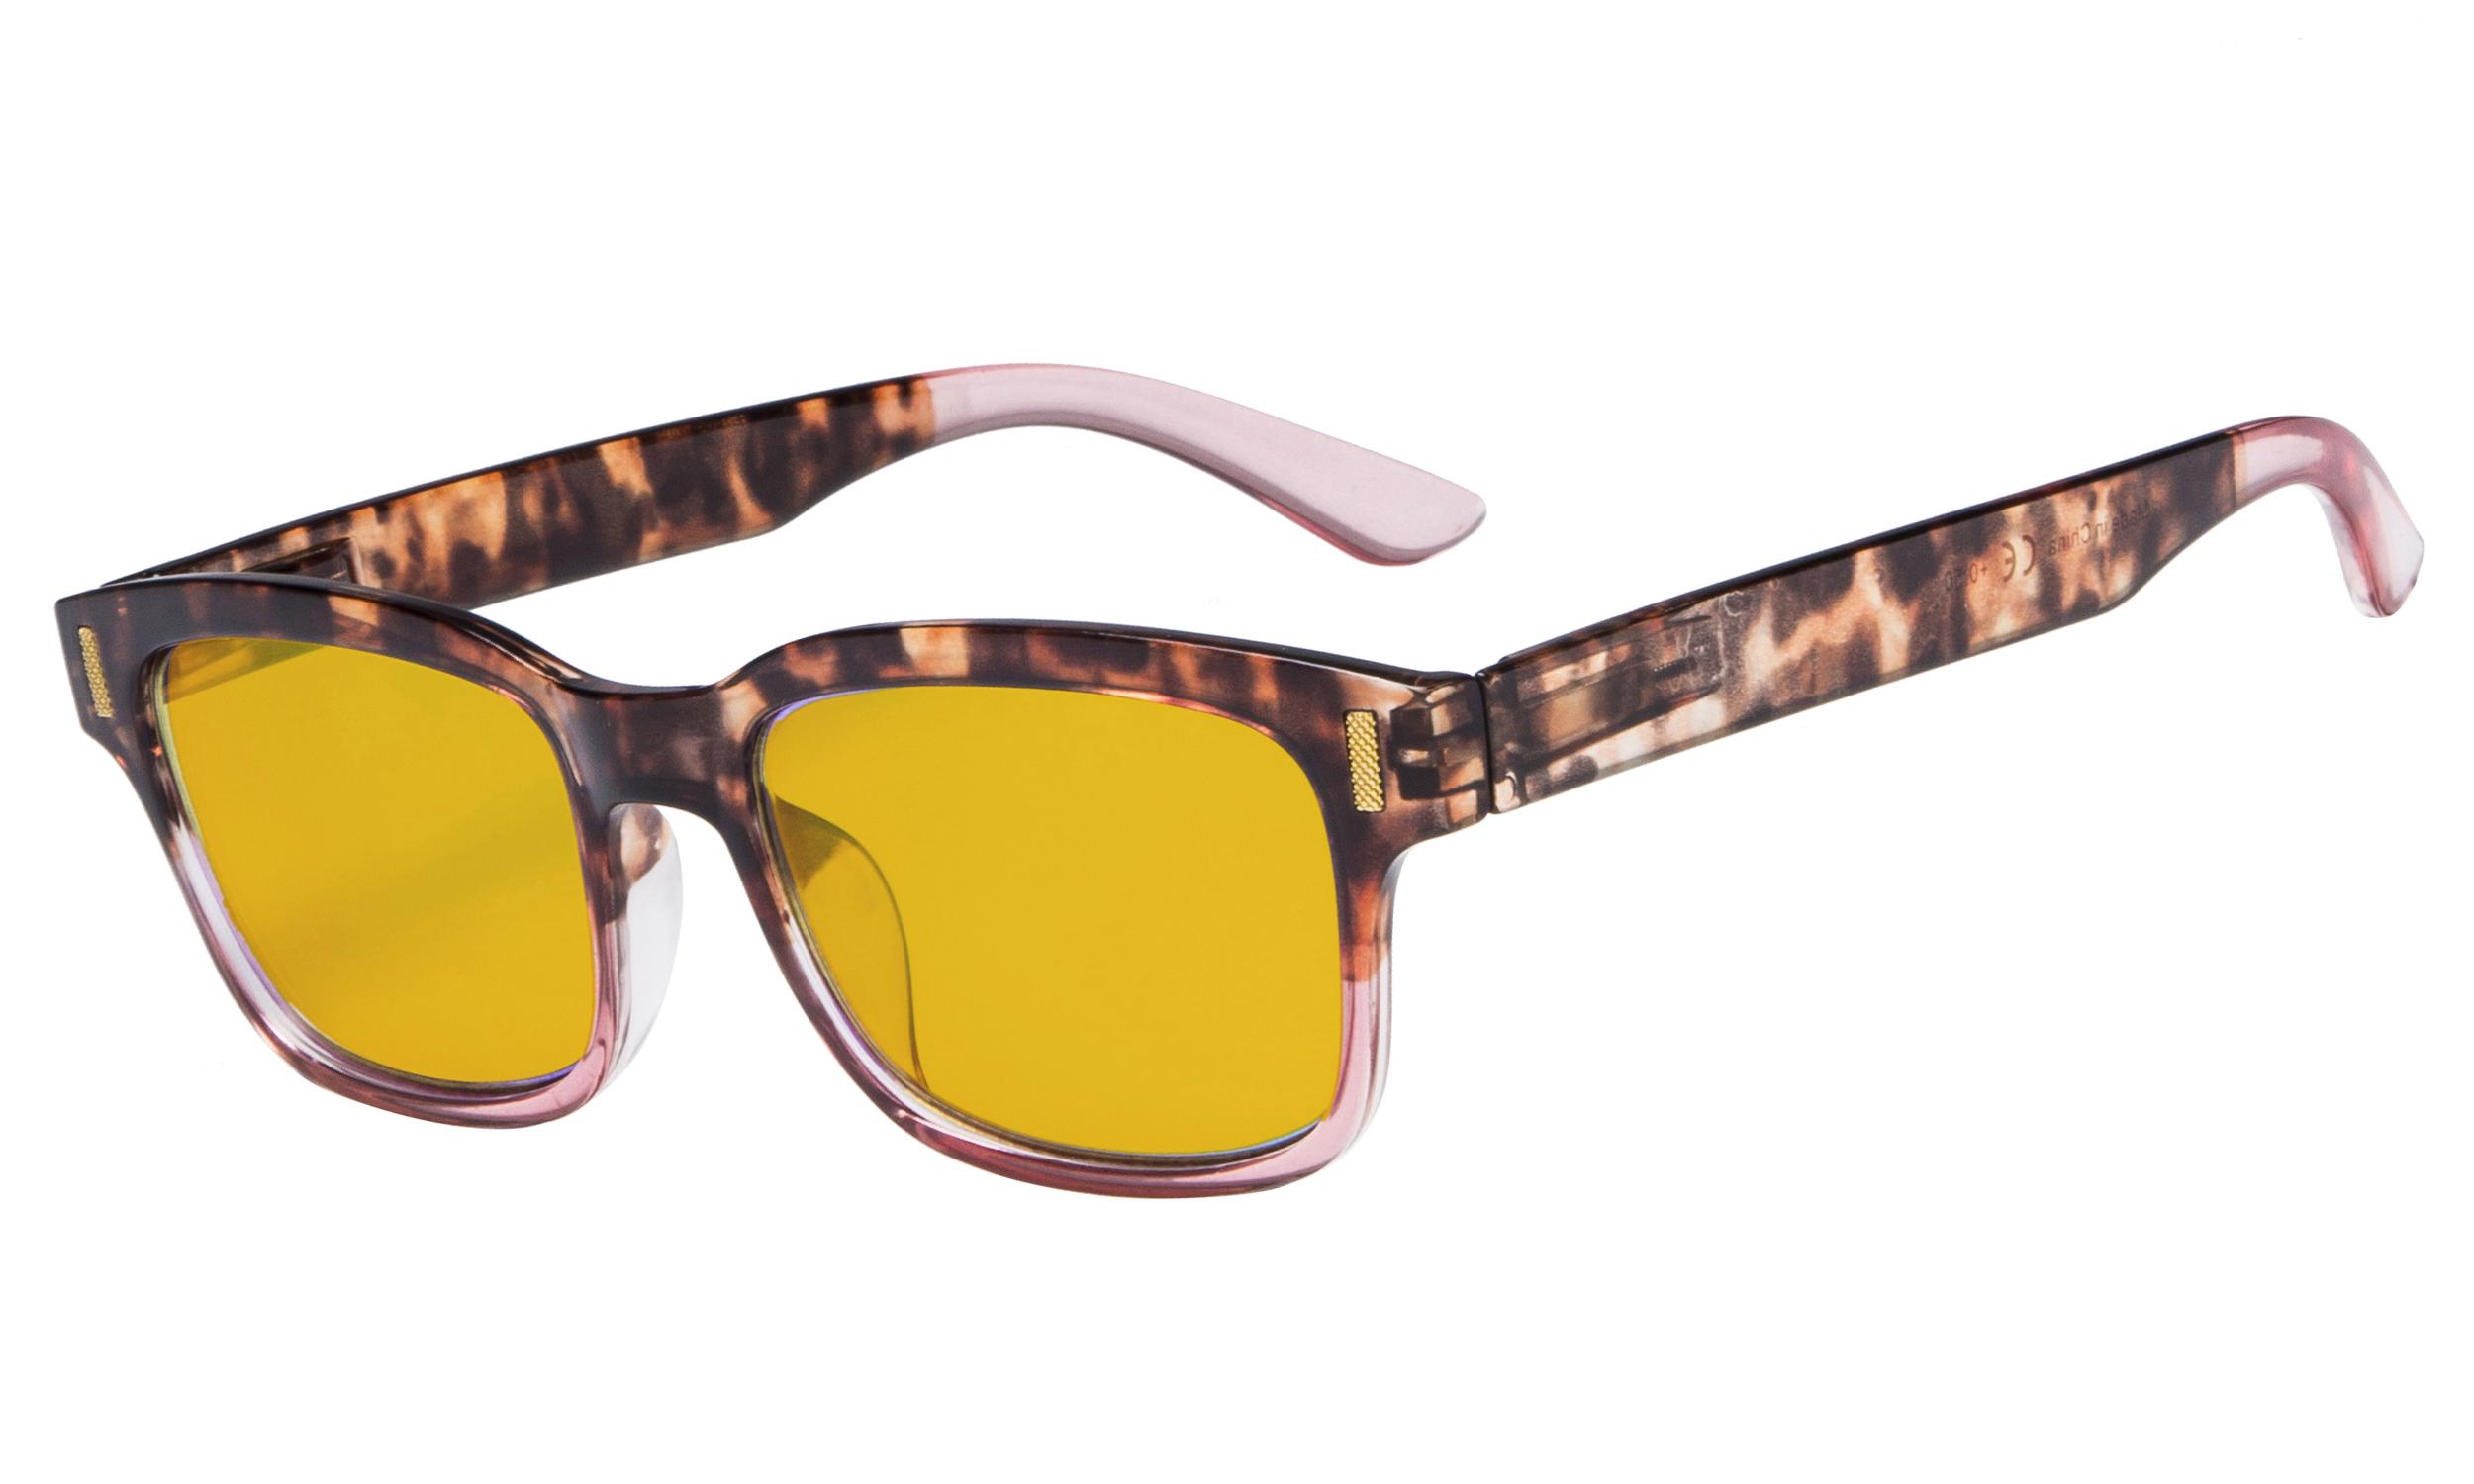 851e4faf016 Eyekepper Stylish Computer Reading Glasses with 80% Blue Blocking Visible  Coating Tortoise Pink CGT1802